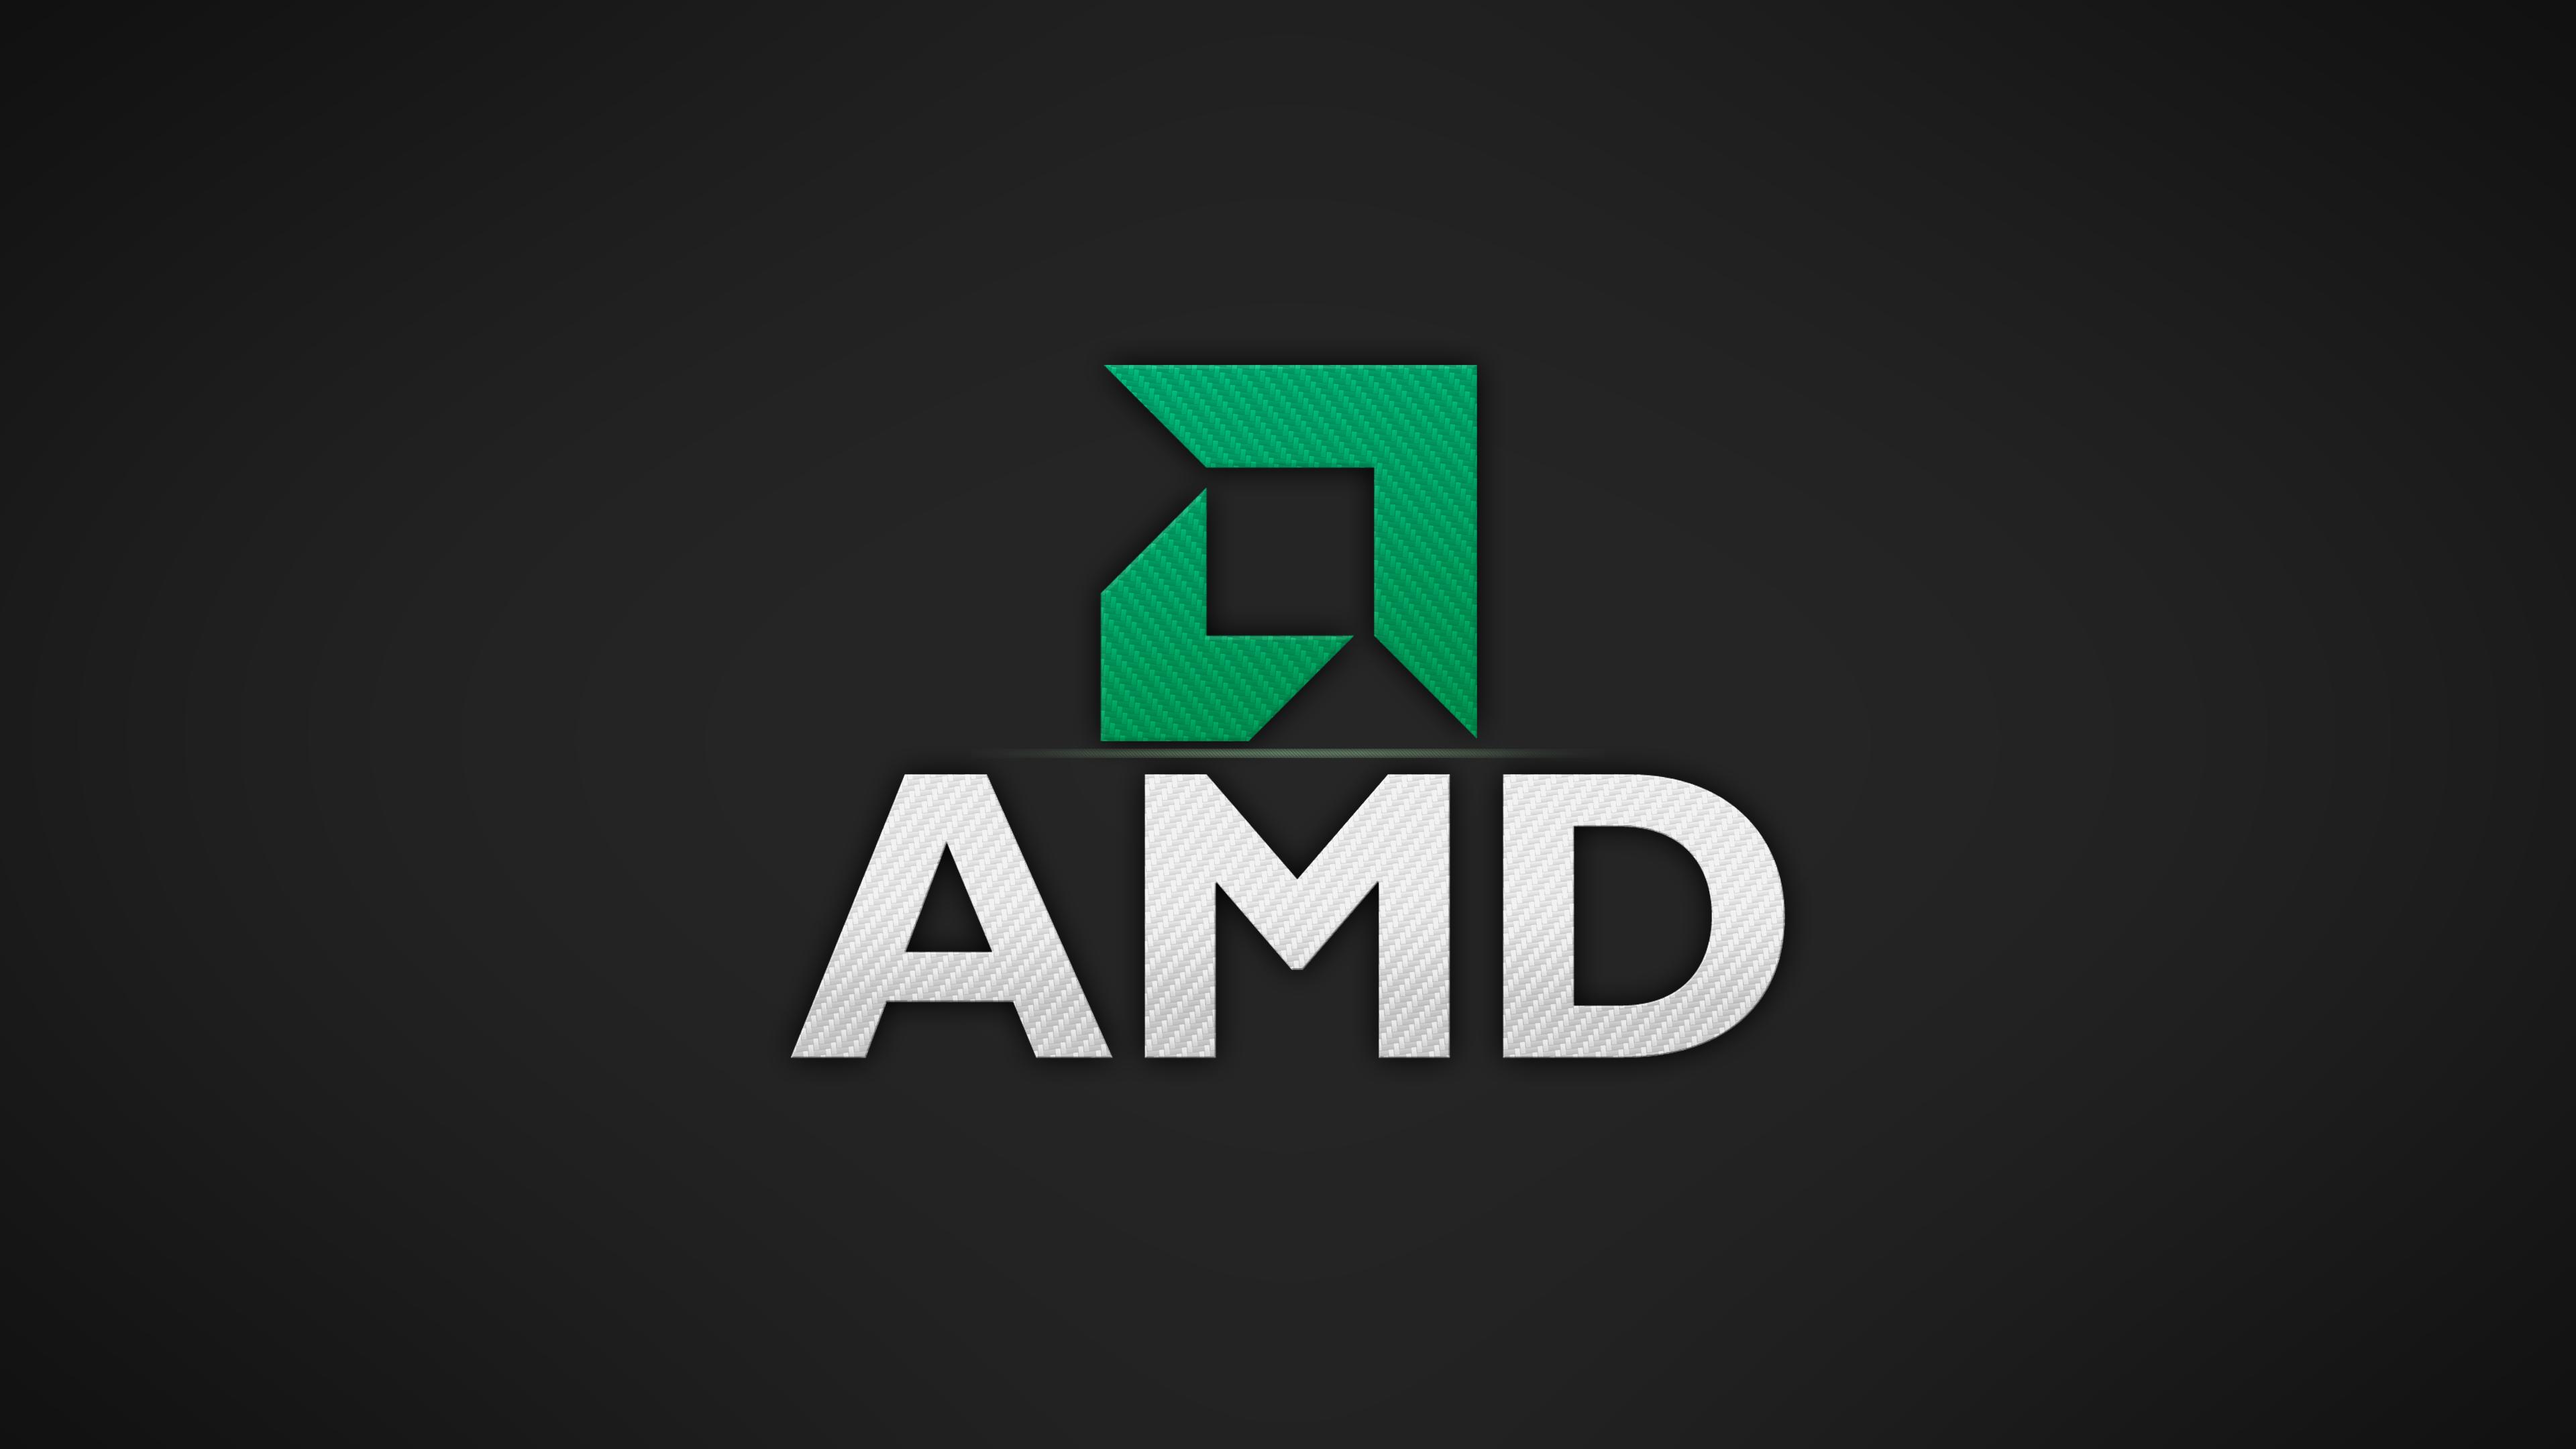 AMD 4K Wallpaper - WallpaperSafari